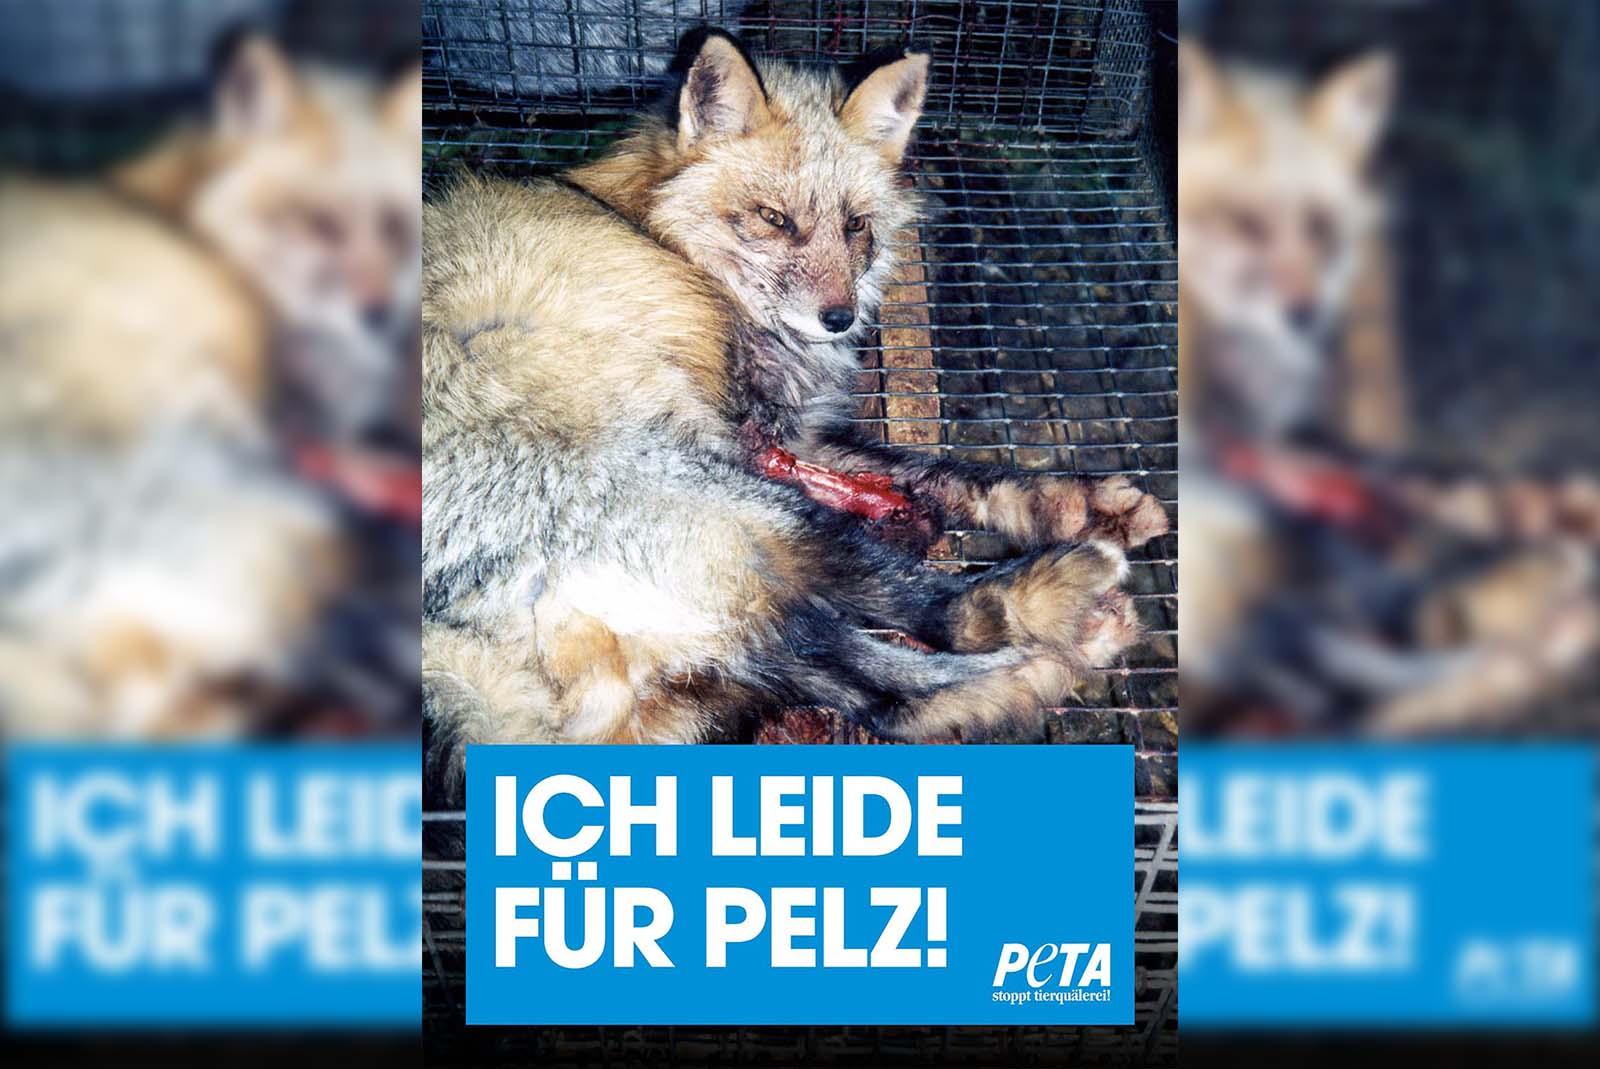 Aktion gegen Pelz: Kostenloses Demopaket jetzt bestellen!